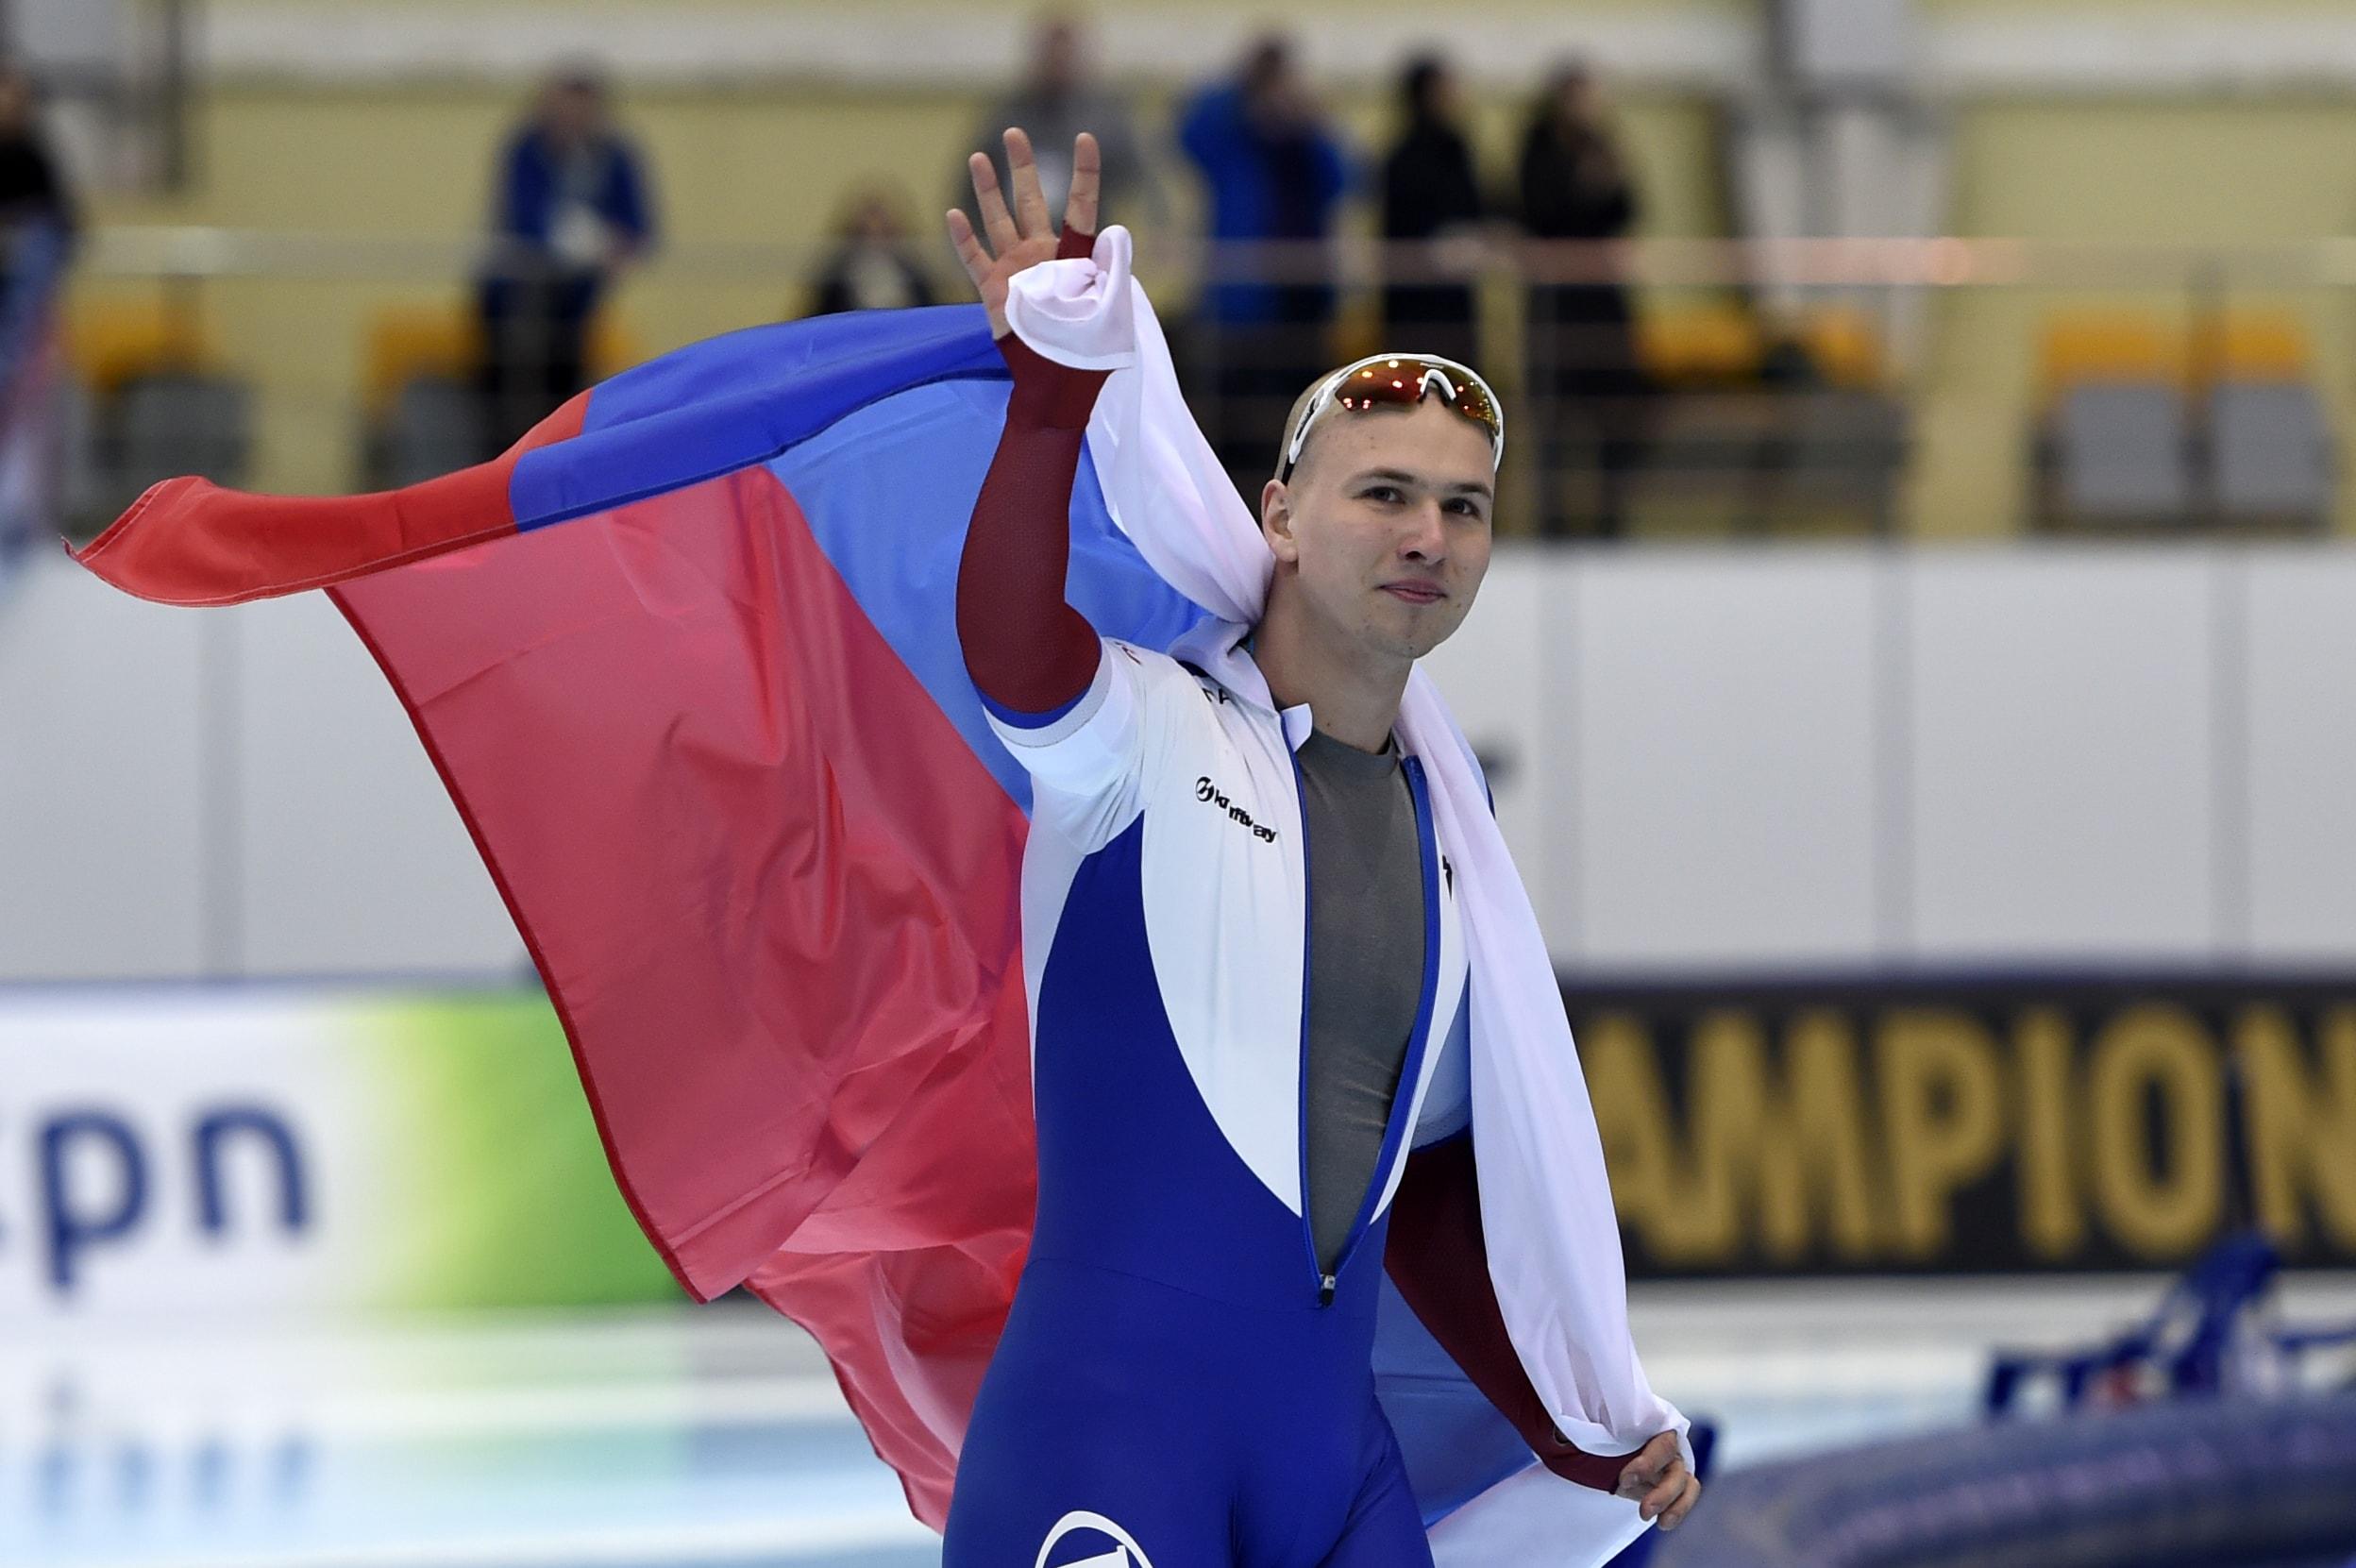 Pavel Kulizhnikov zwaait met Russische vlag